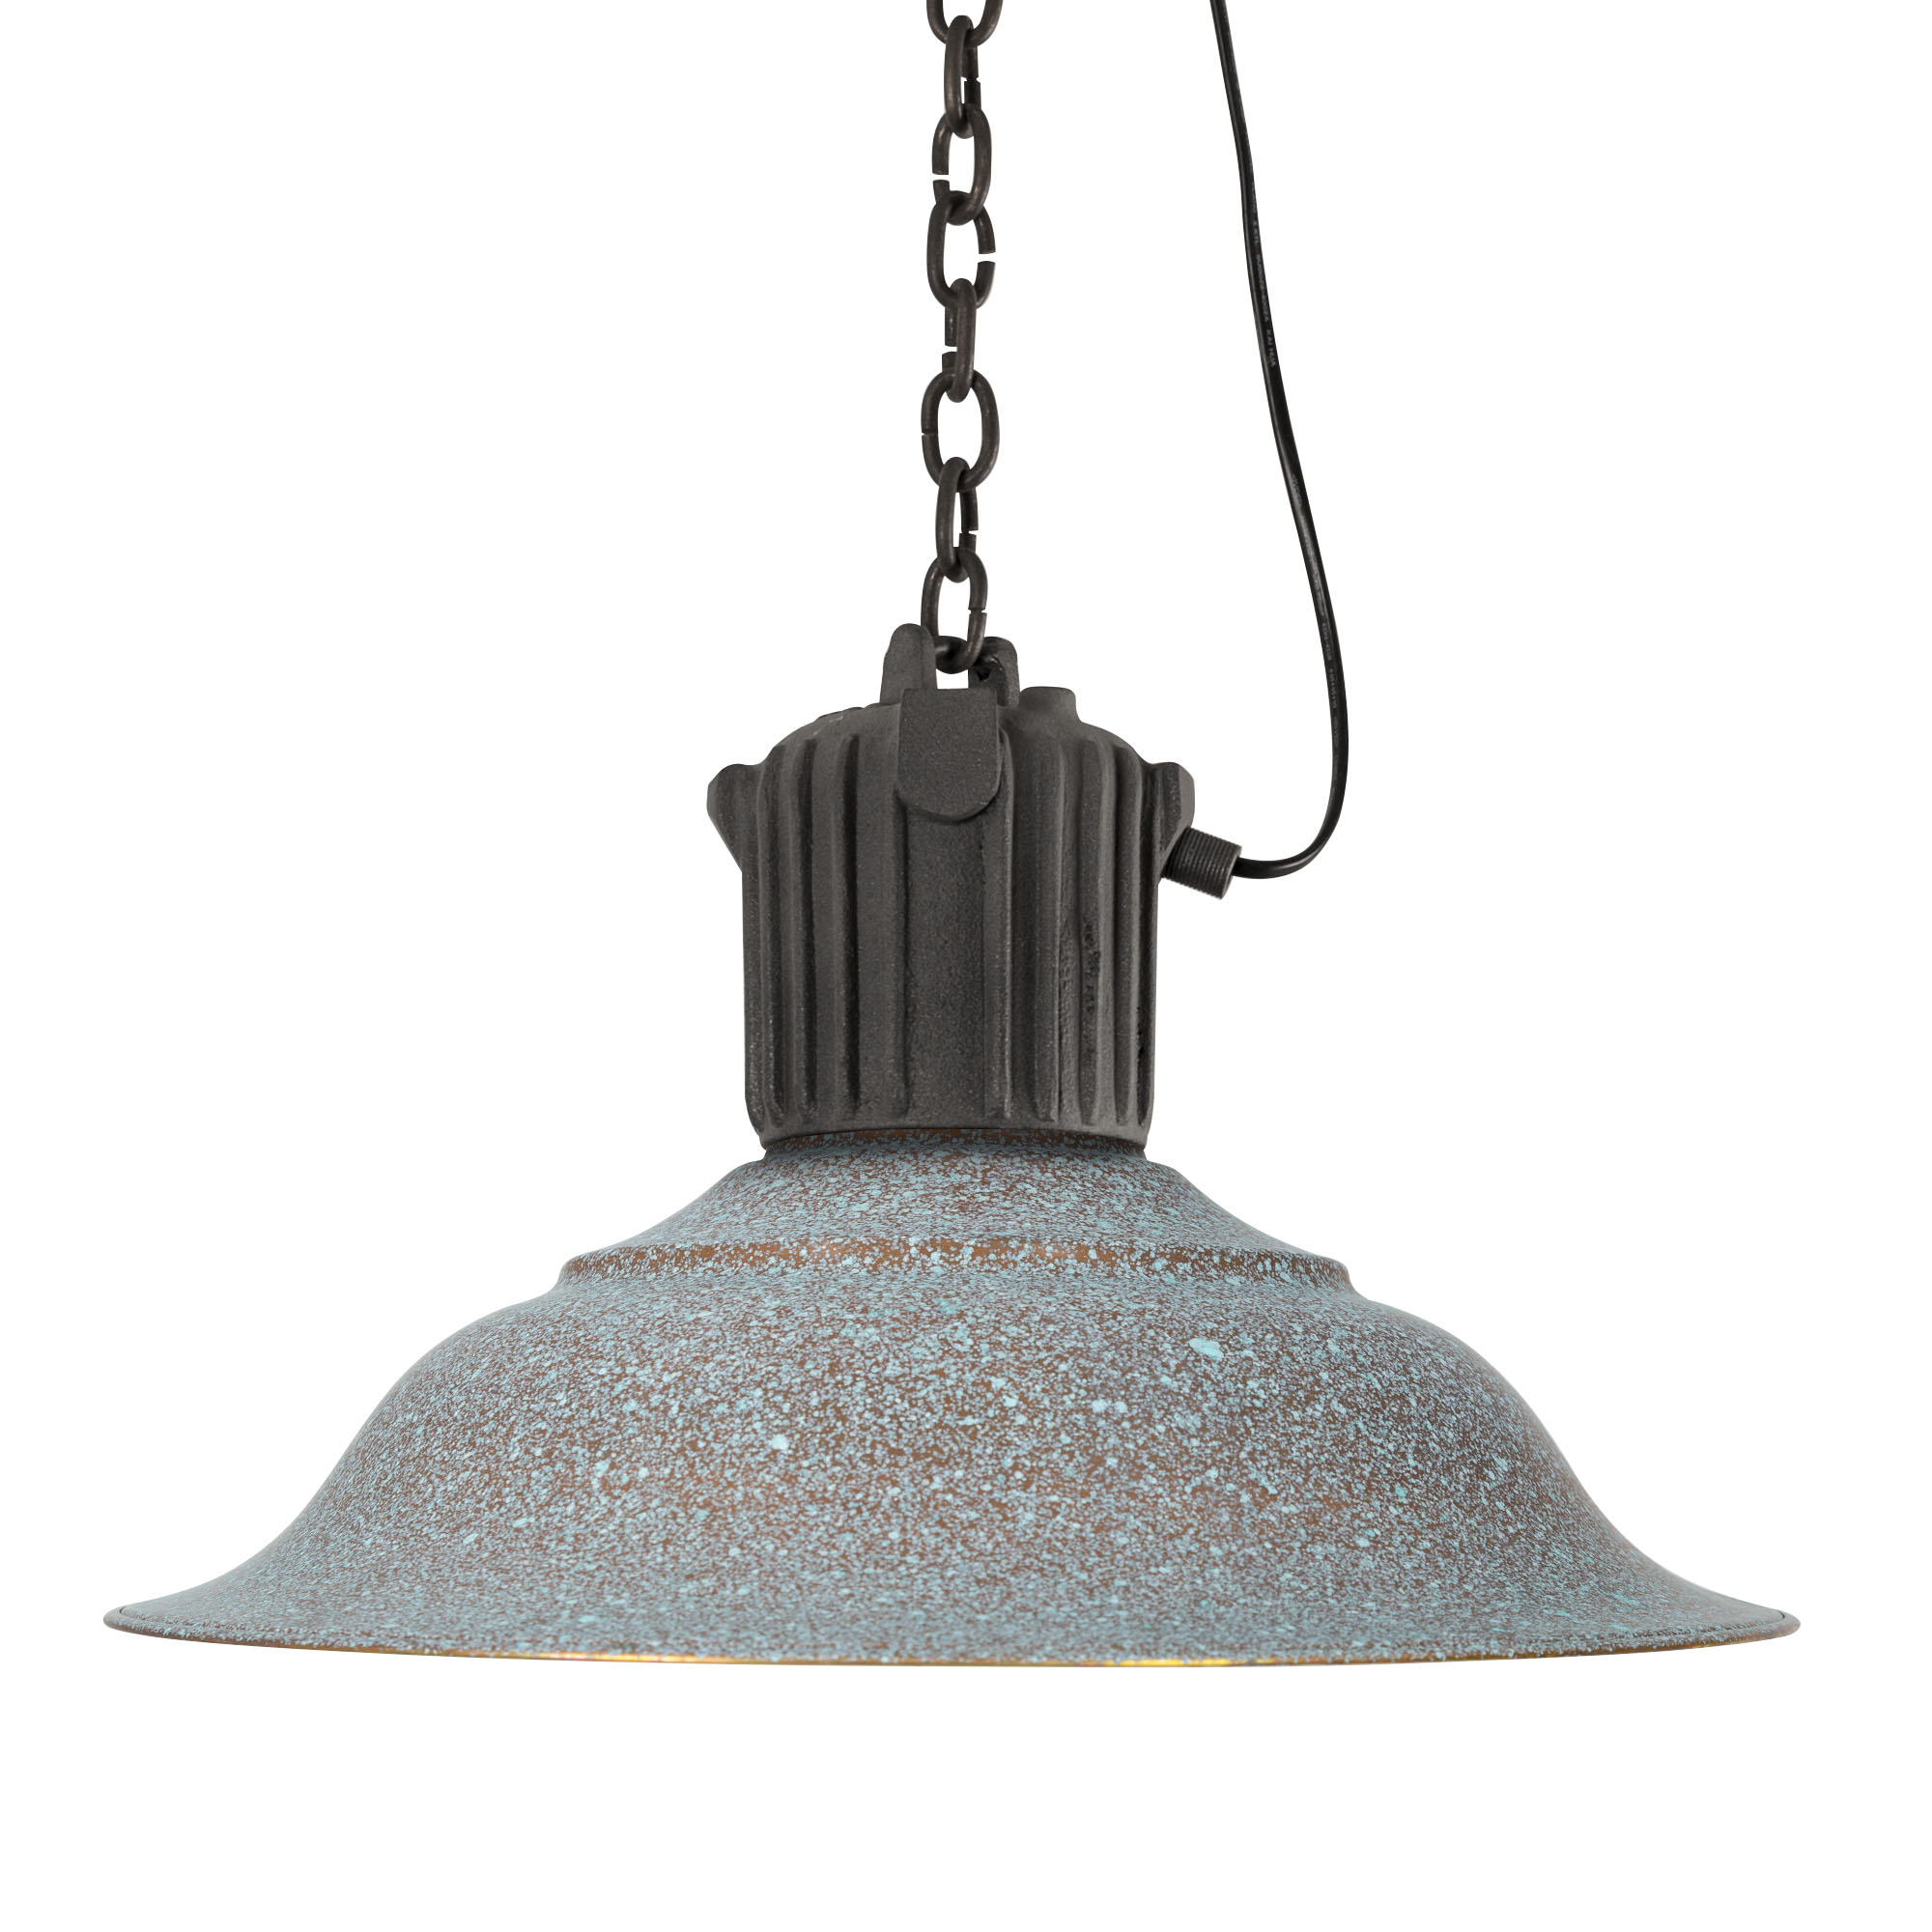 Hanglamp fabriekslamp 3